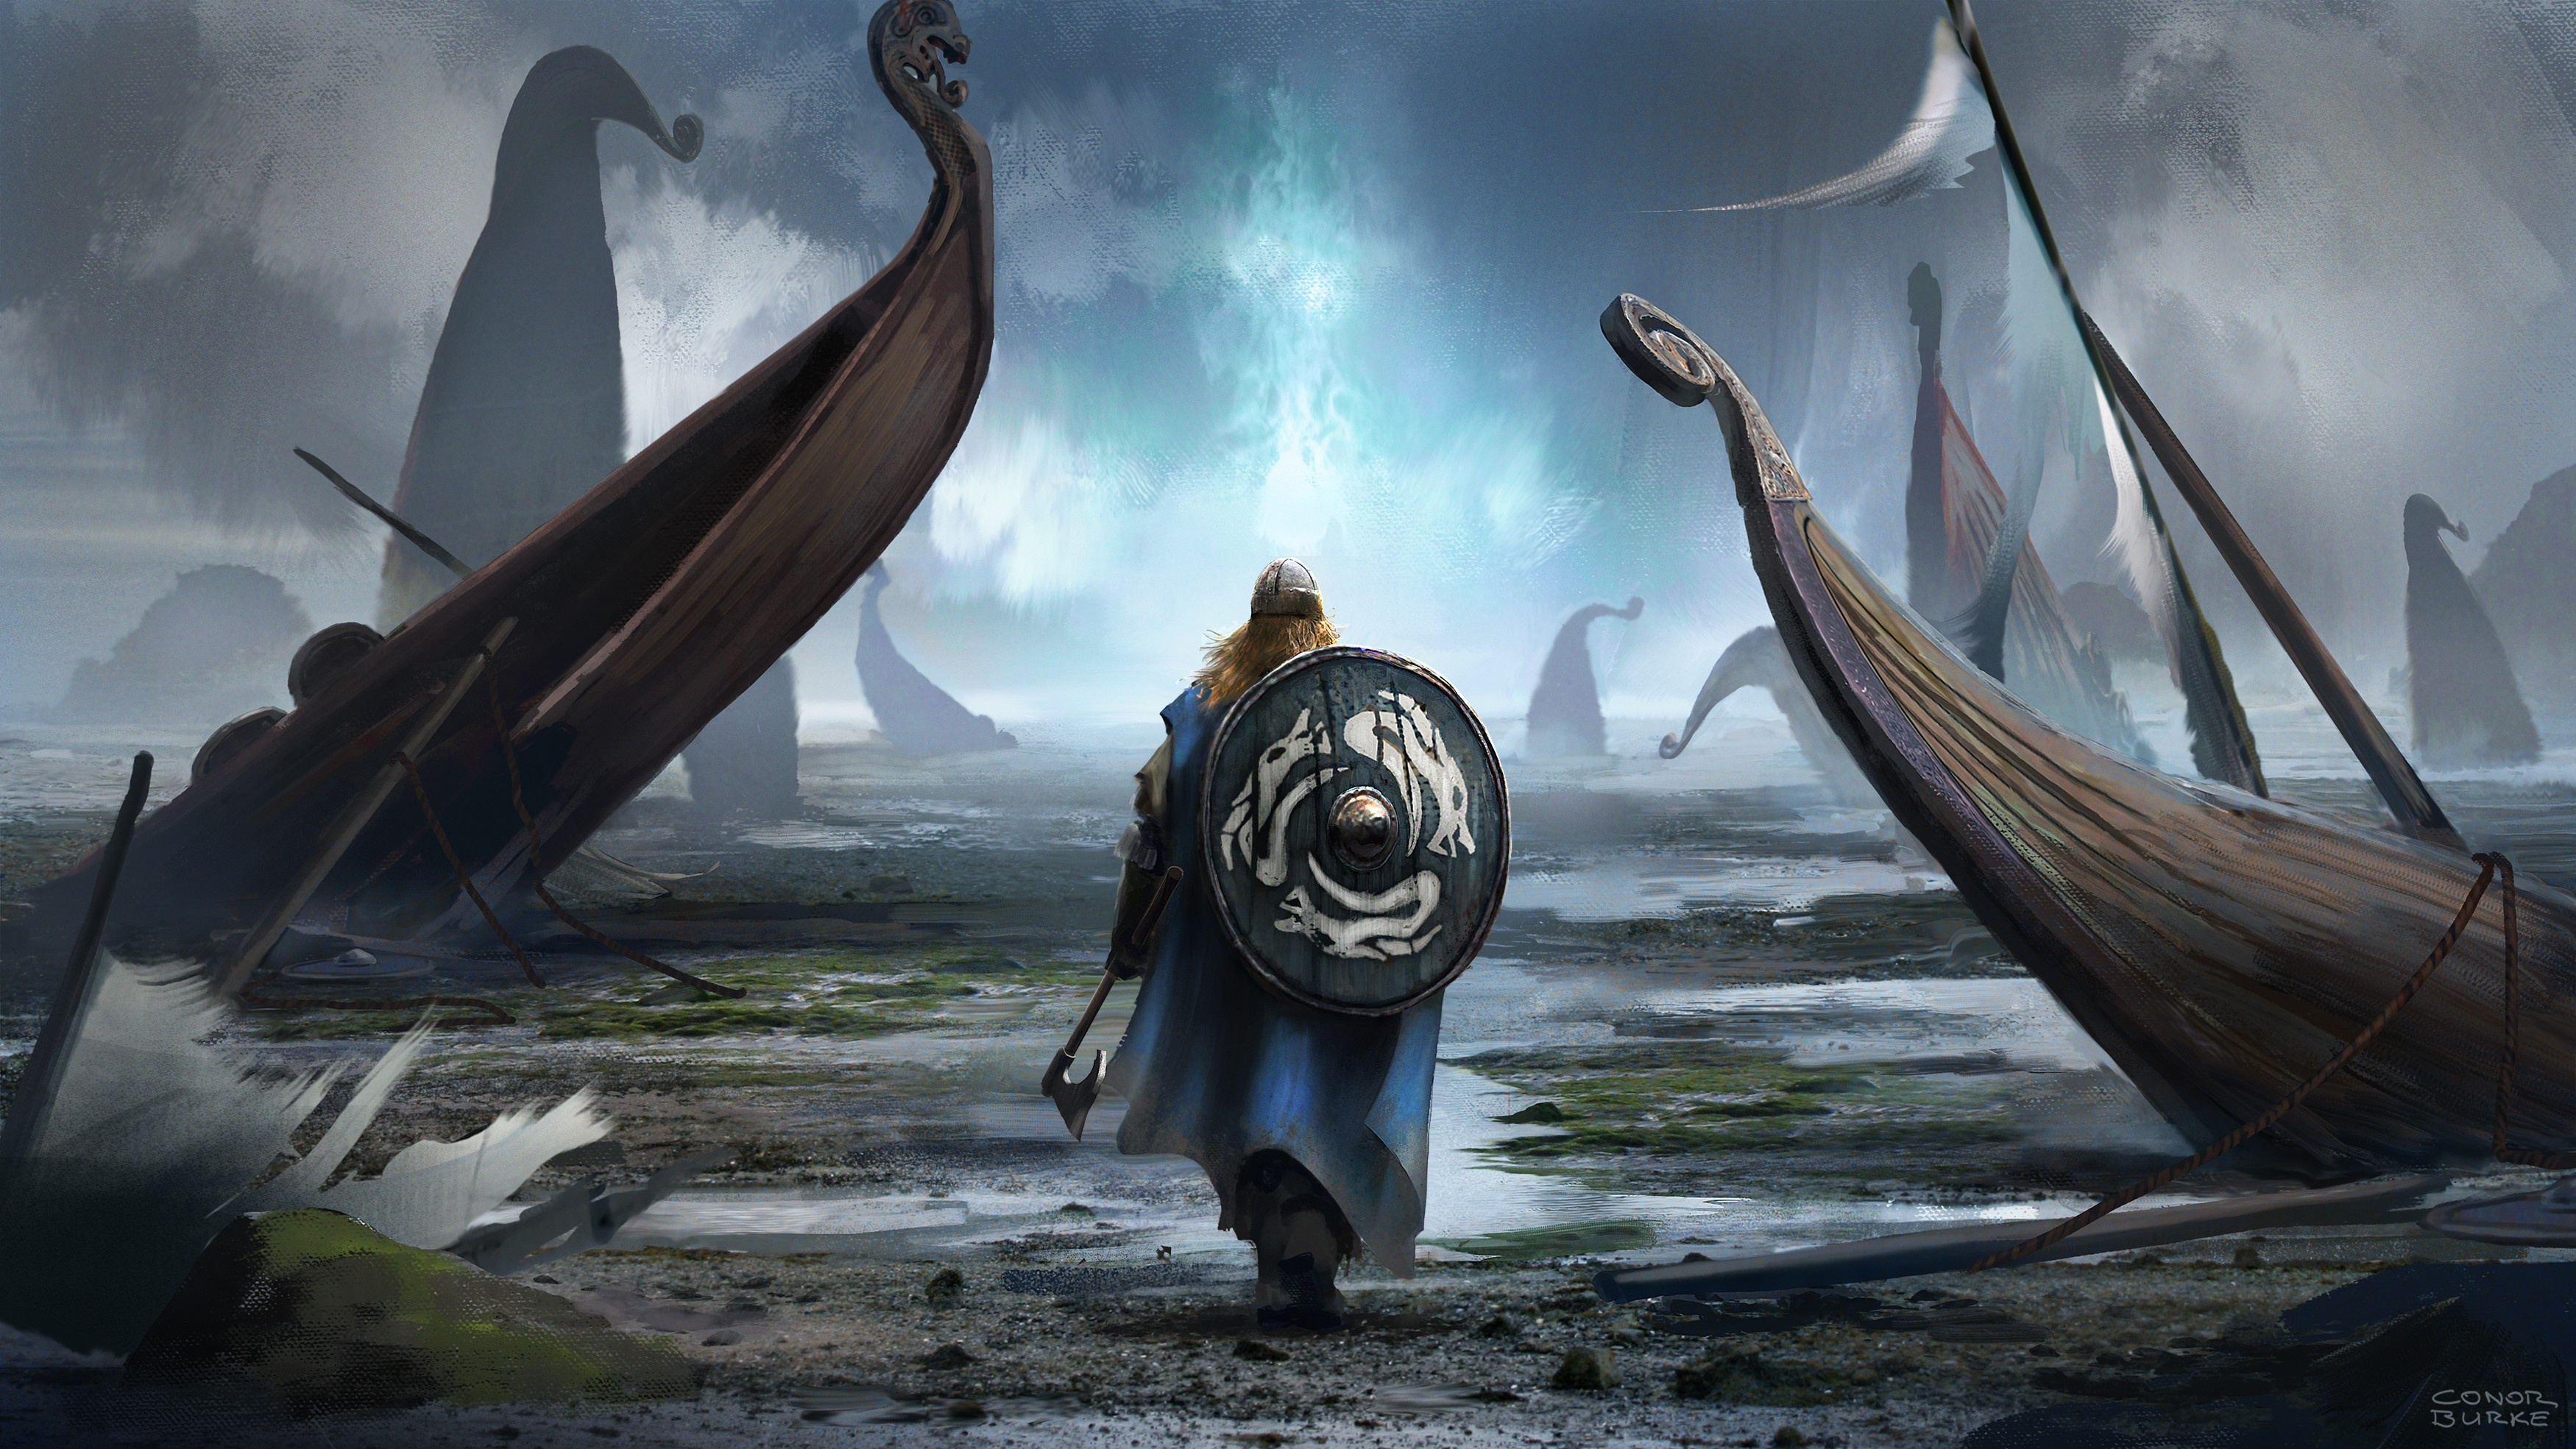 Shield Warrior Viking Fantasy Art, HD 4K Wallpaper